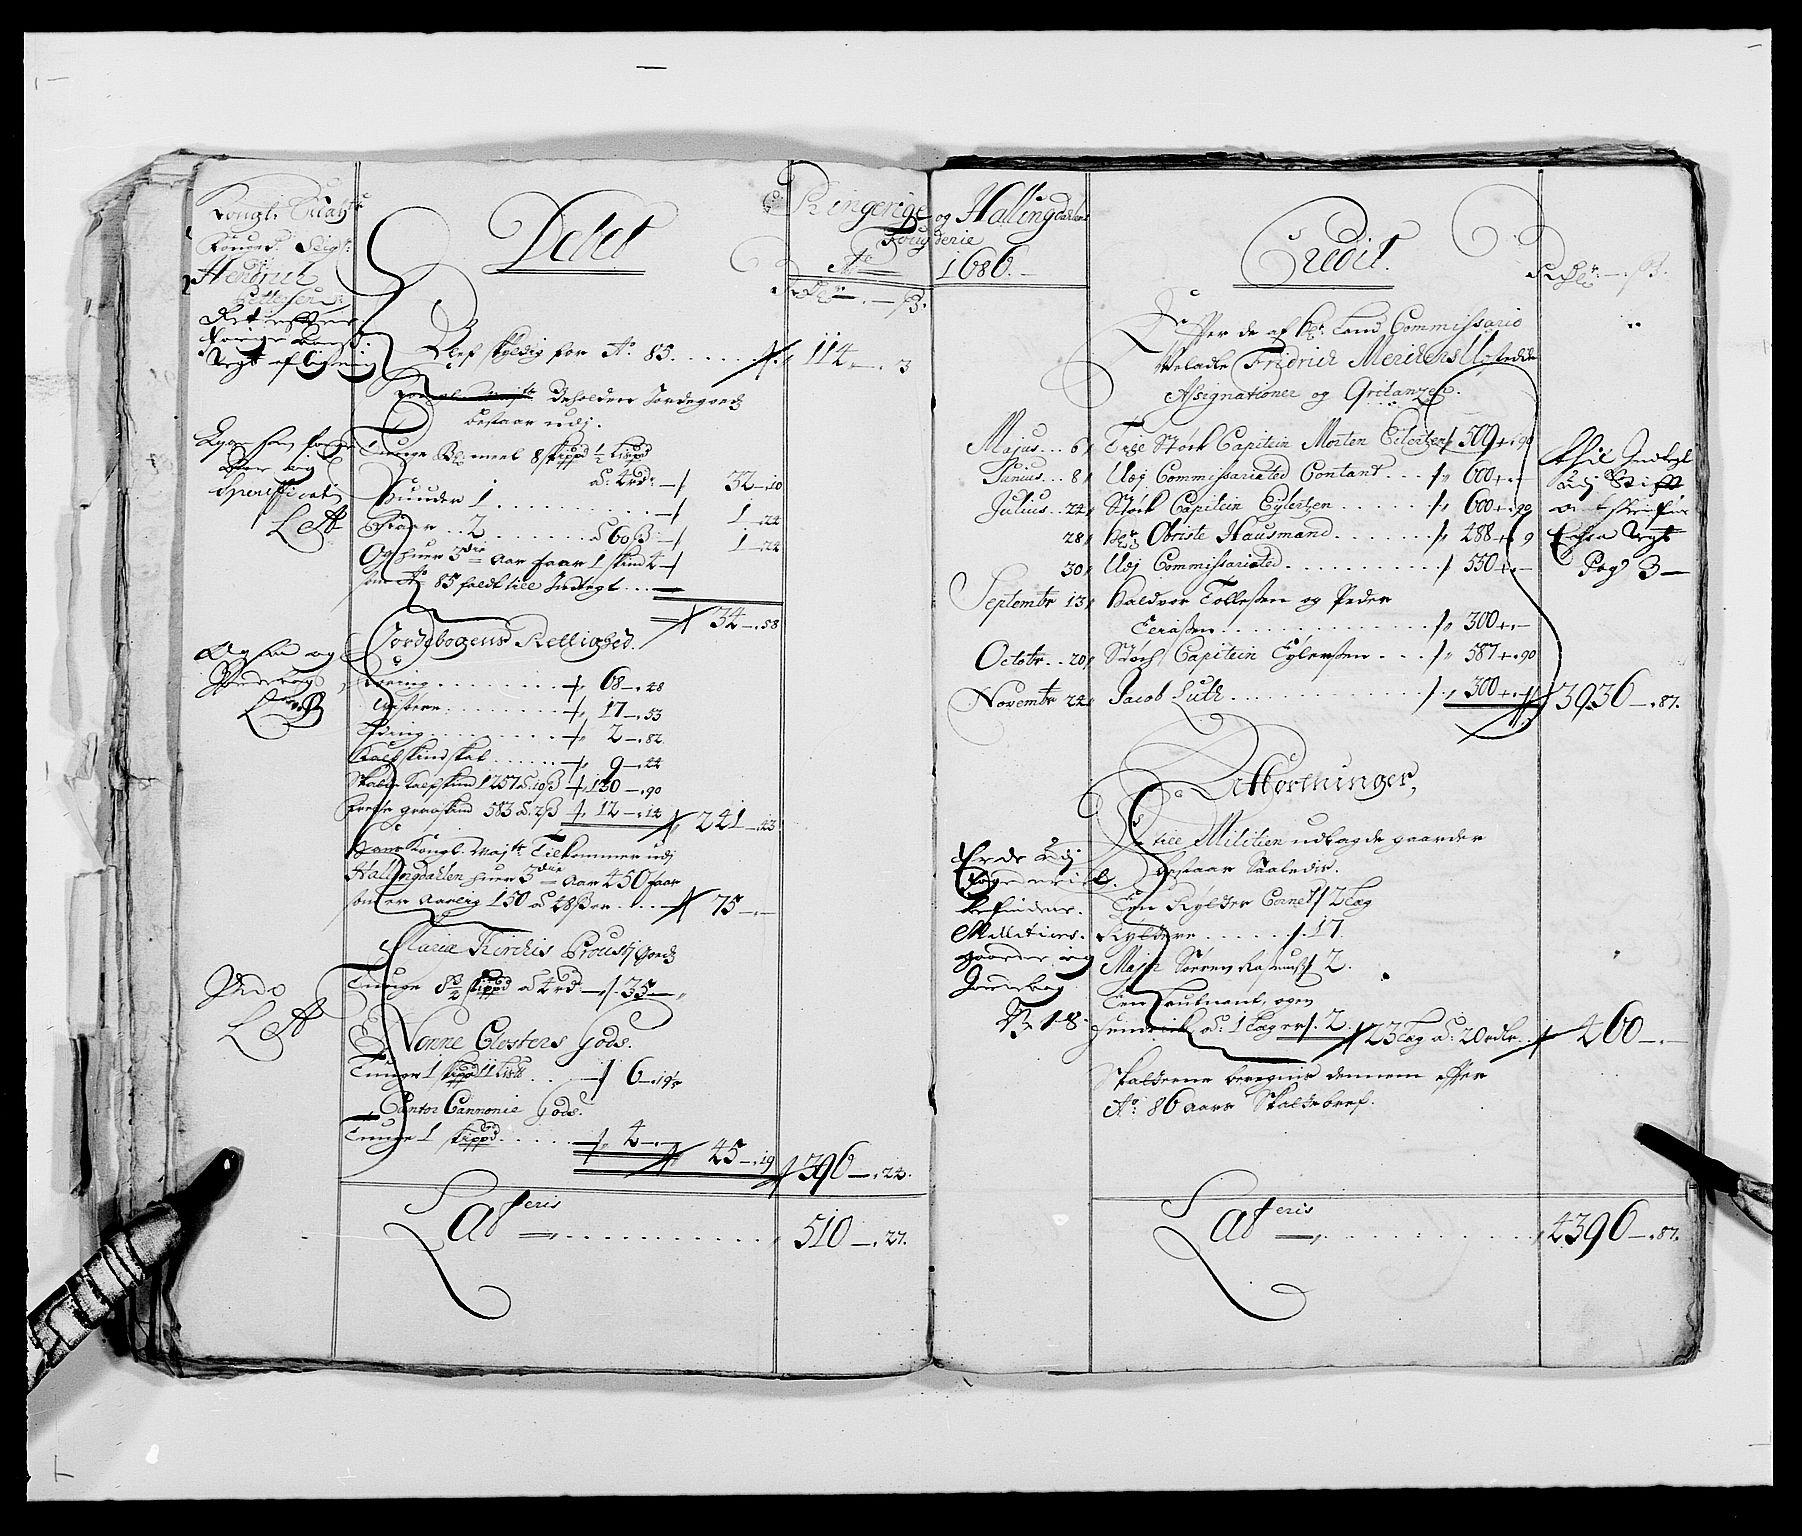 RA, Rentekammeret inntil 1814, Reviderte regnskaper, Fogderegnskap, R21/L1445: Fogderegnskap Ringerike og Hallingdal, 1681-1689, s. 19